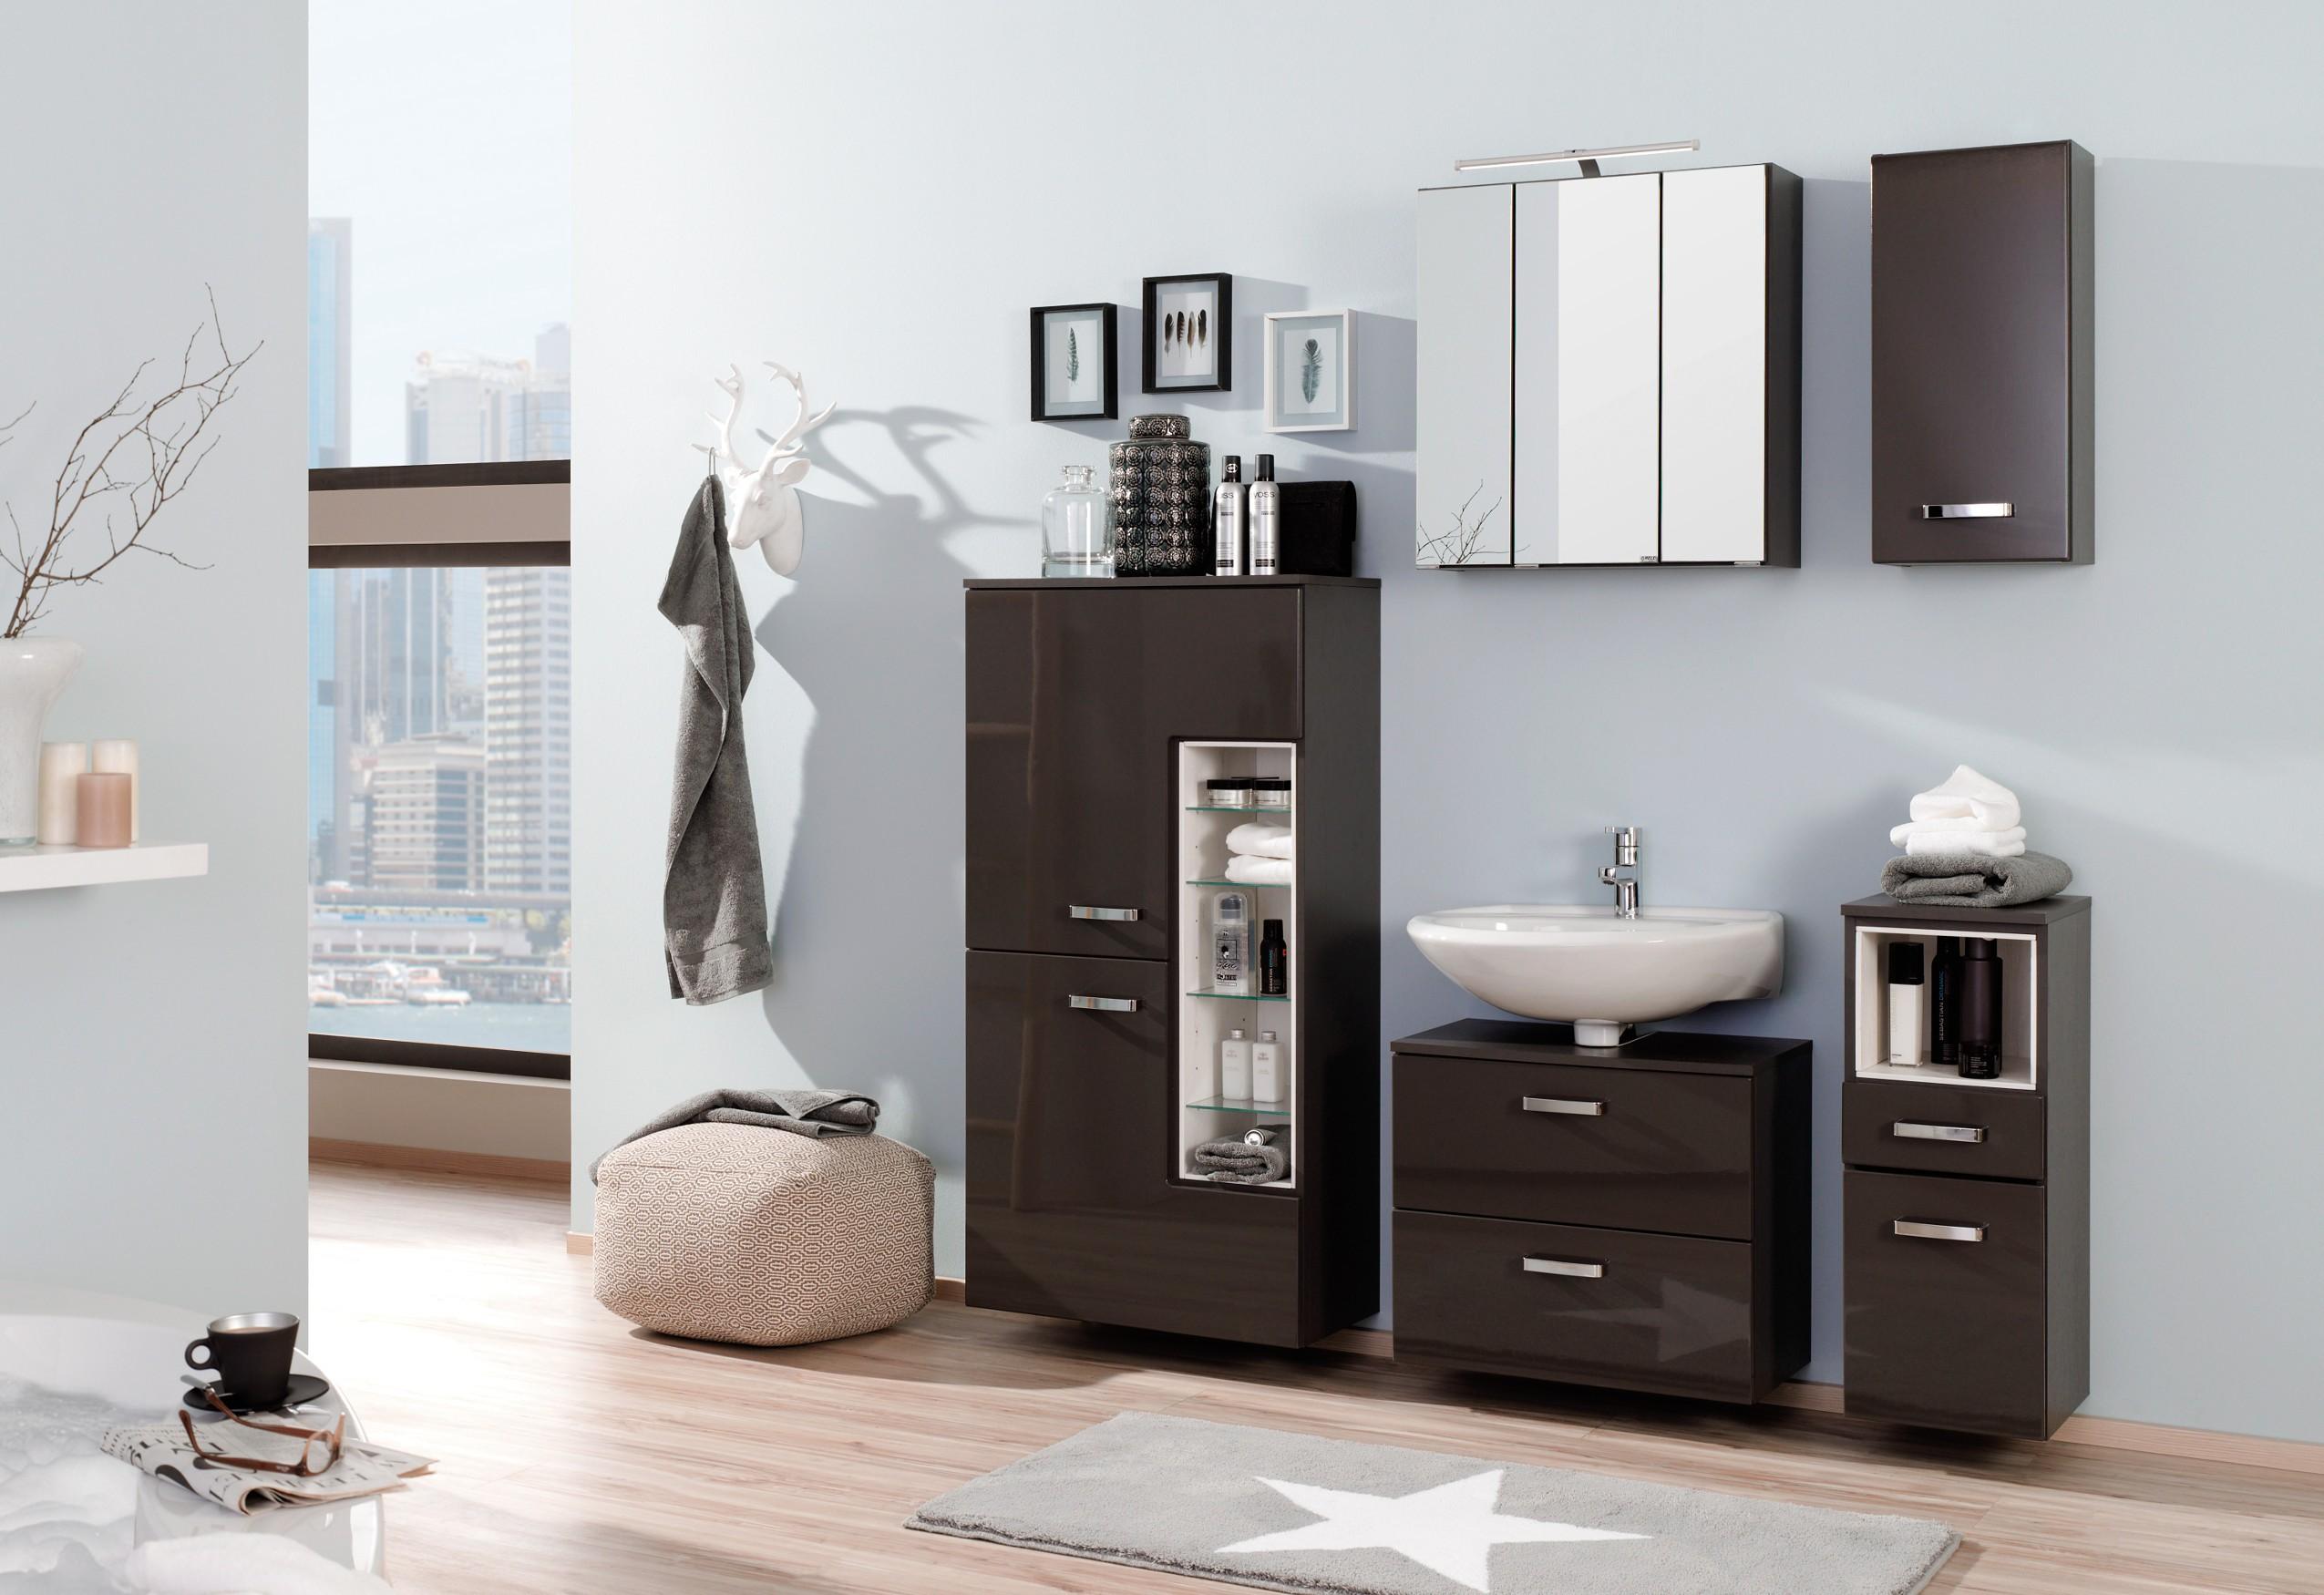 badm bel set ancona 6 teilig 155 cm breit hochglanz grau bad badm belsets. Black Bedroom Furniture Sets. Home Design Ideas